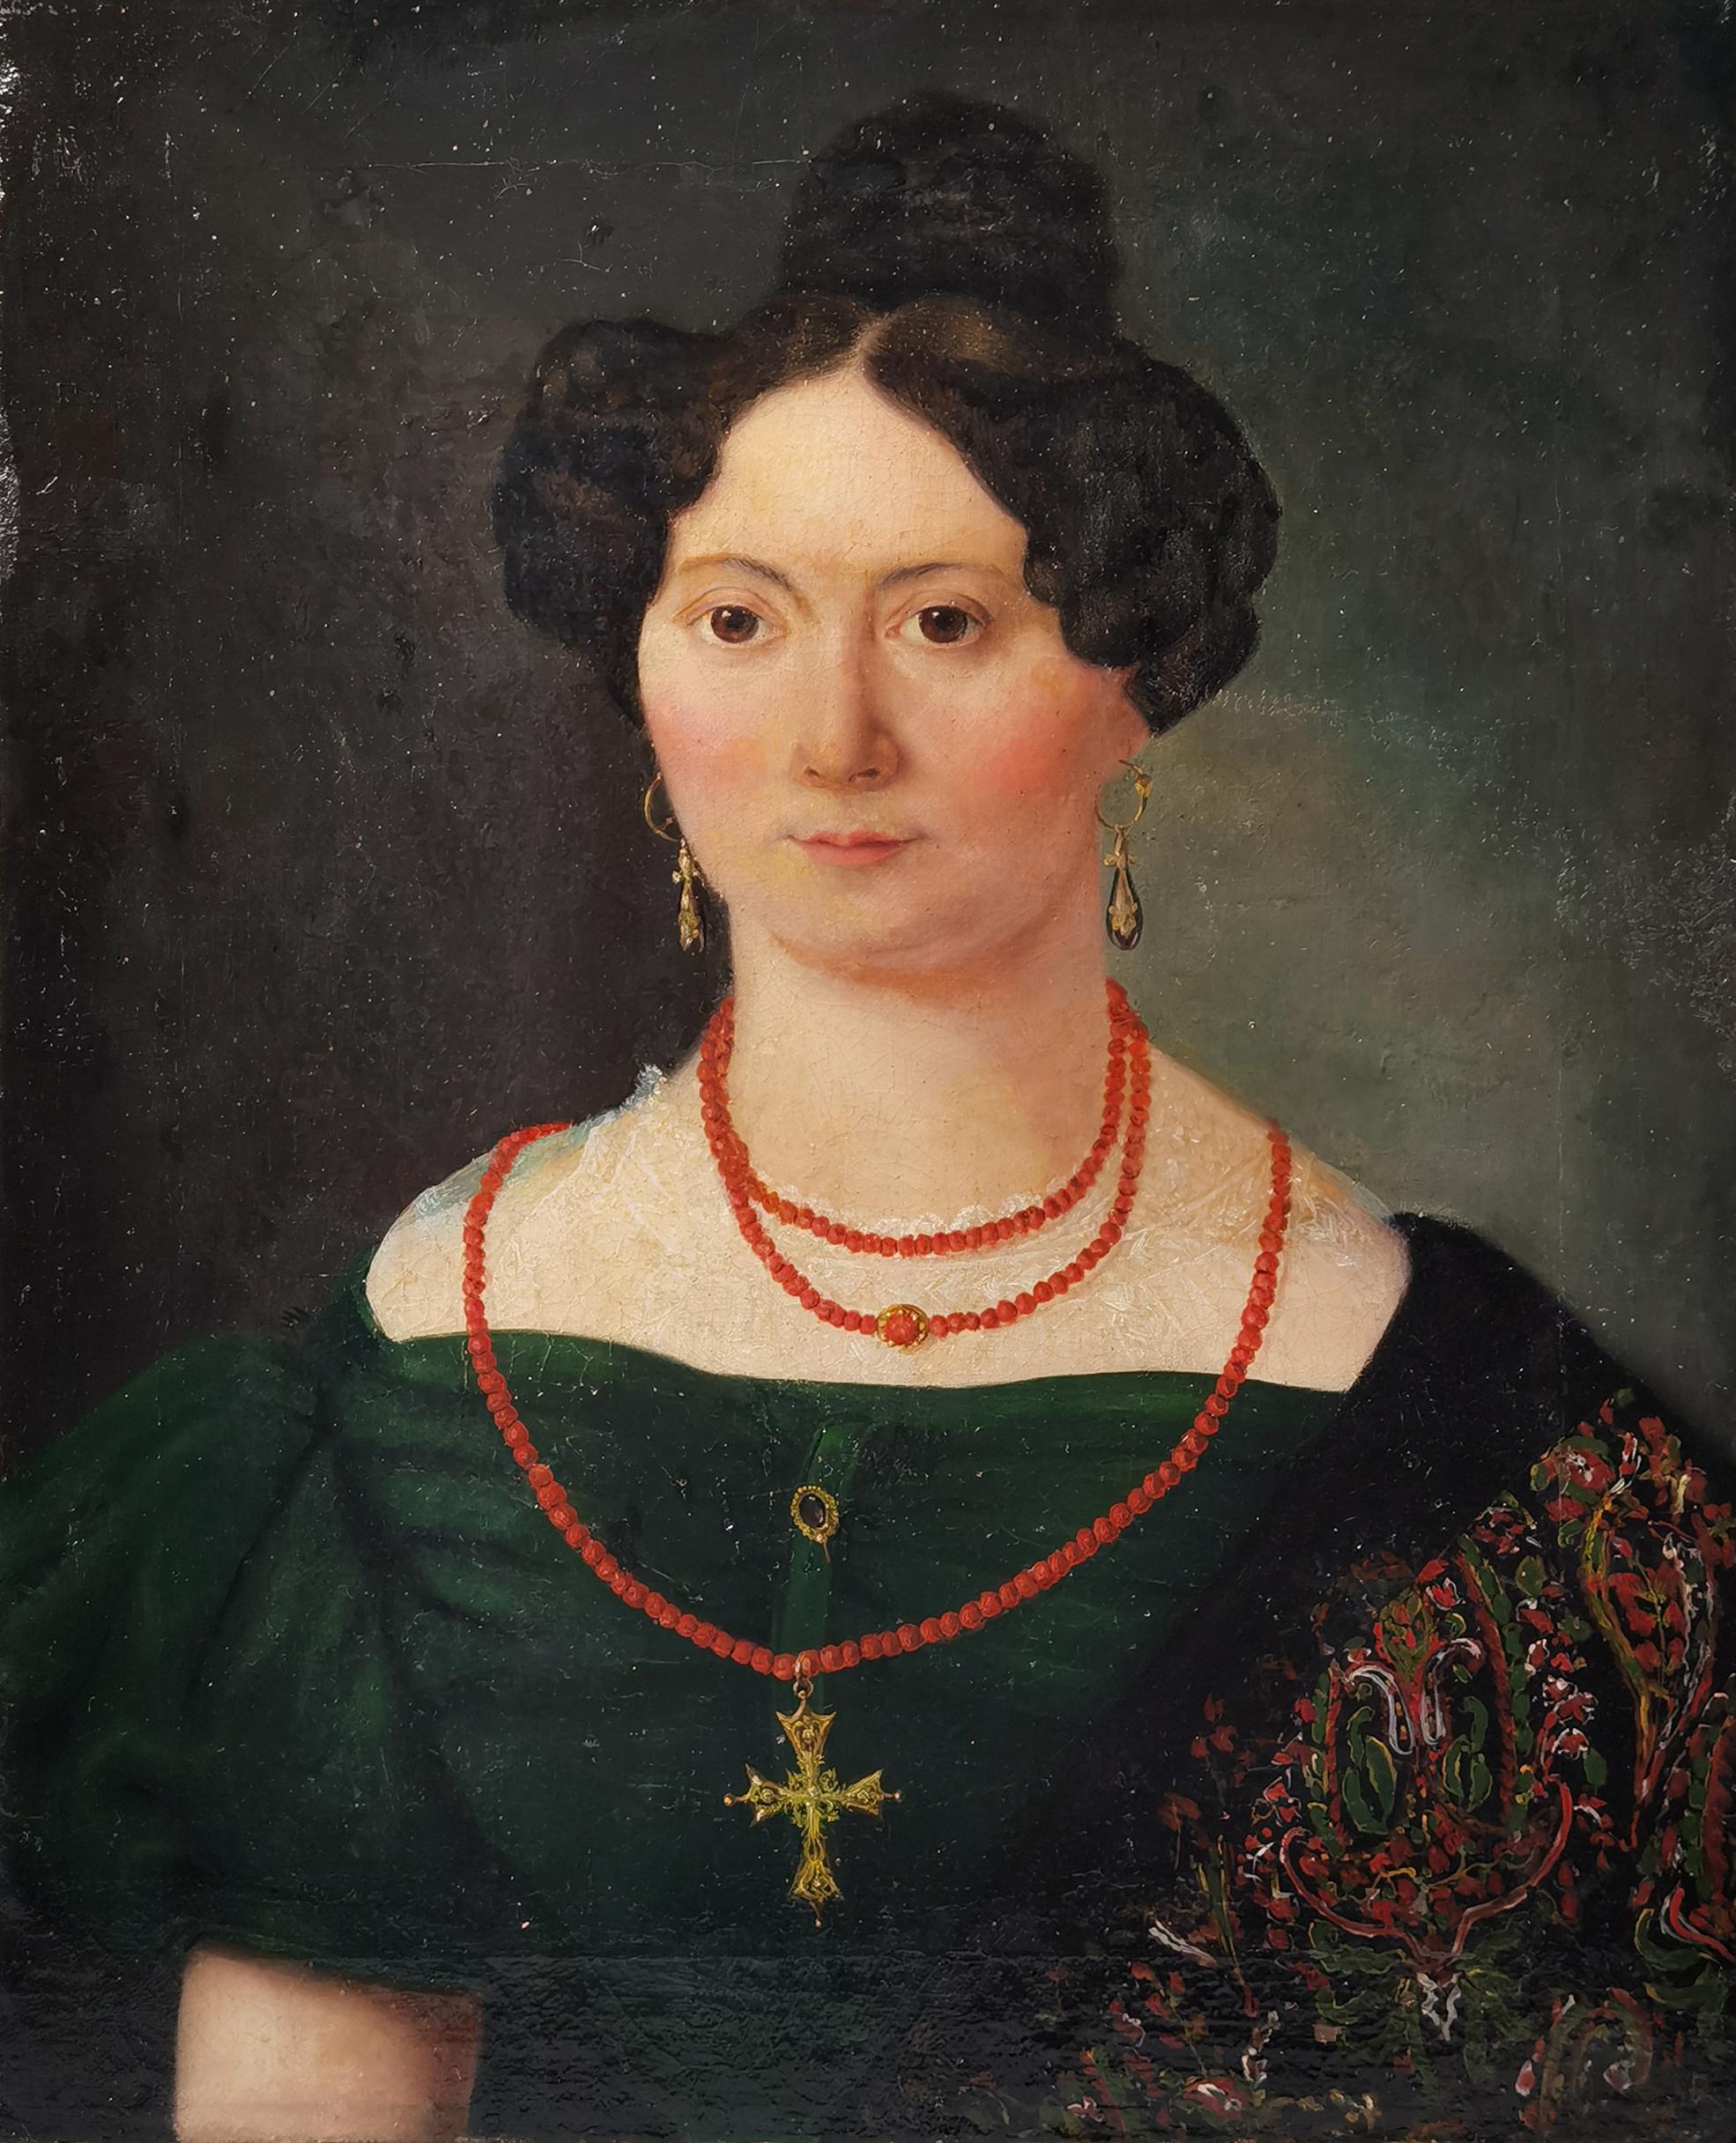 Portret kobiety, ok. 1850